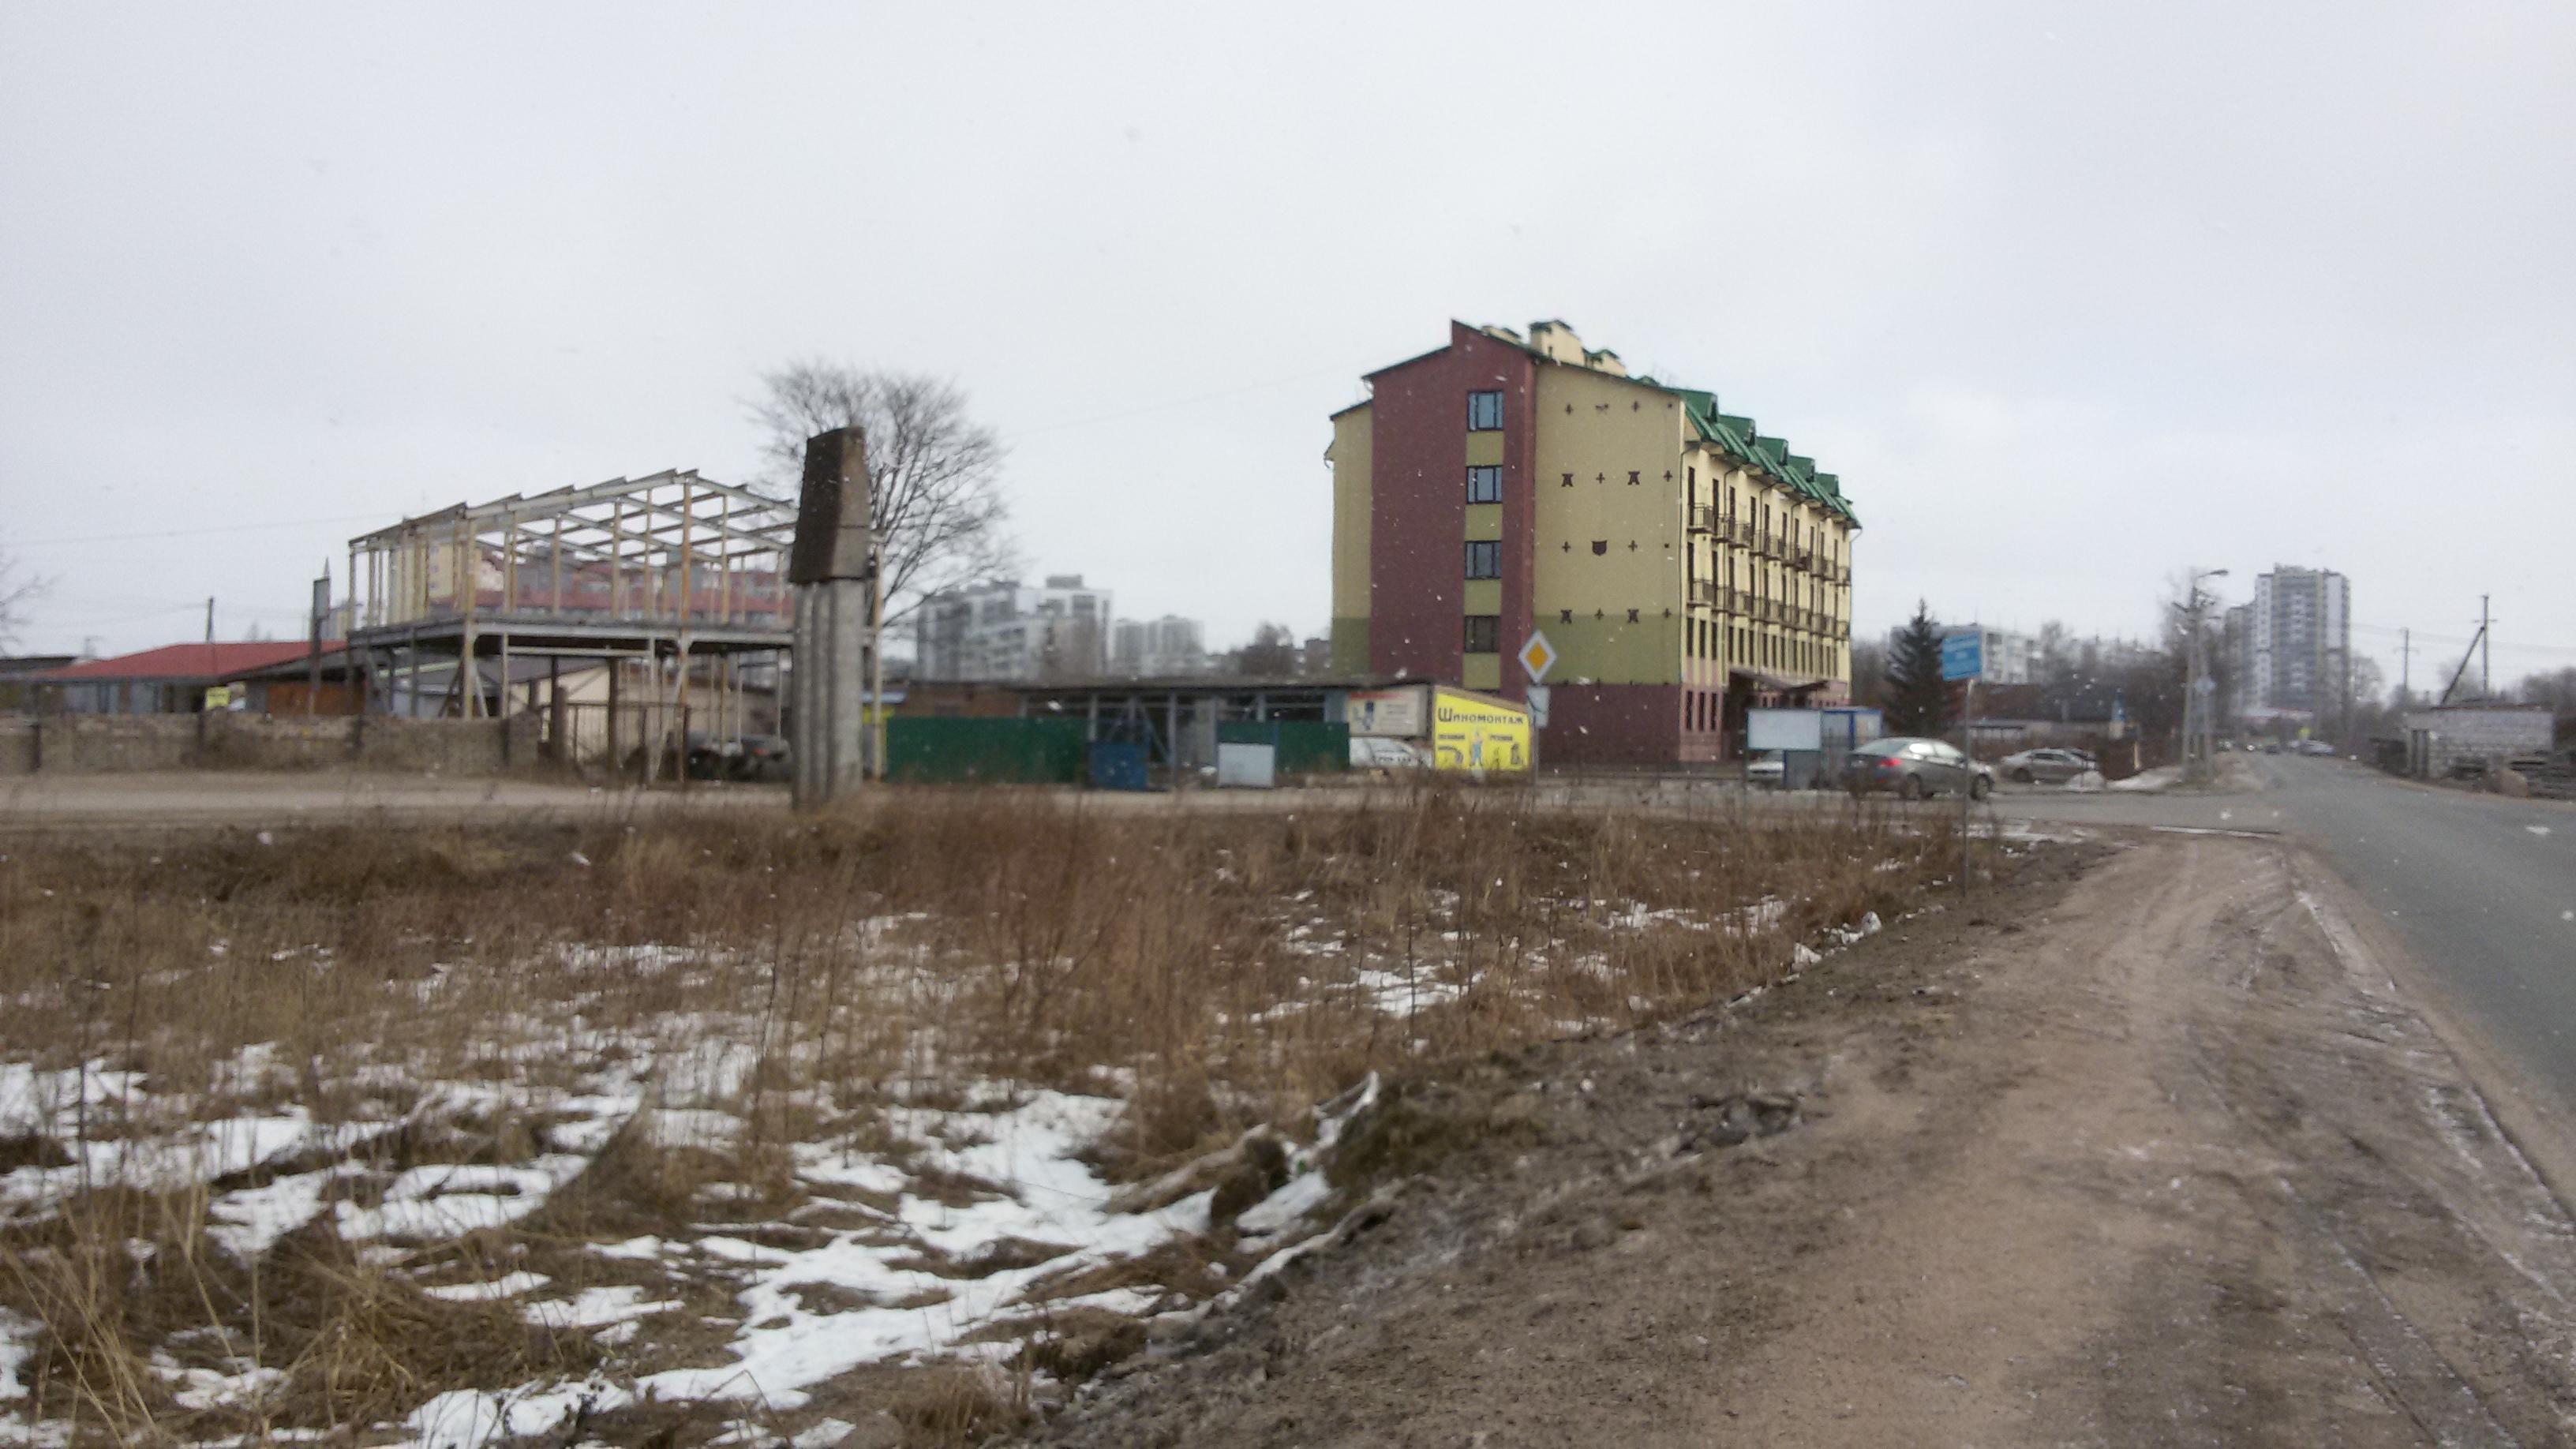 продается земельный участок в г. пскове, на пересечении ул. ижорского батальона и ...